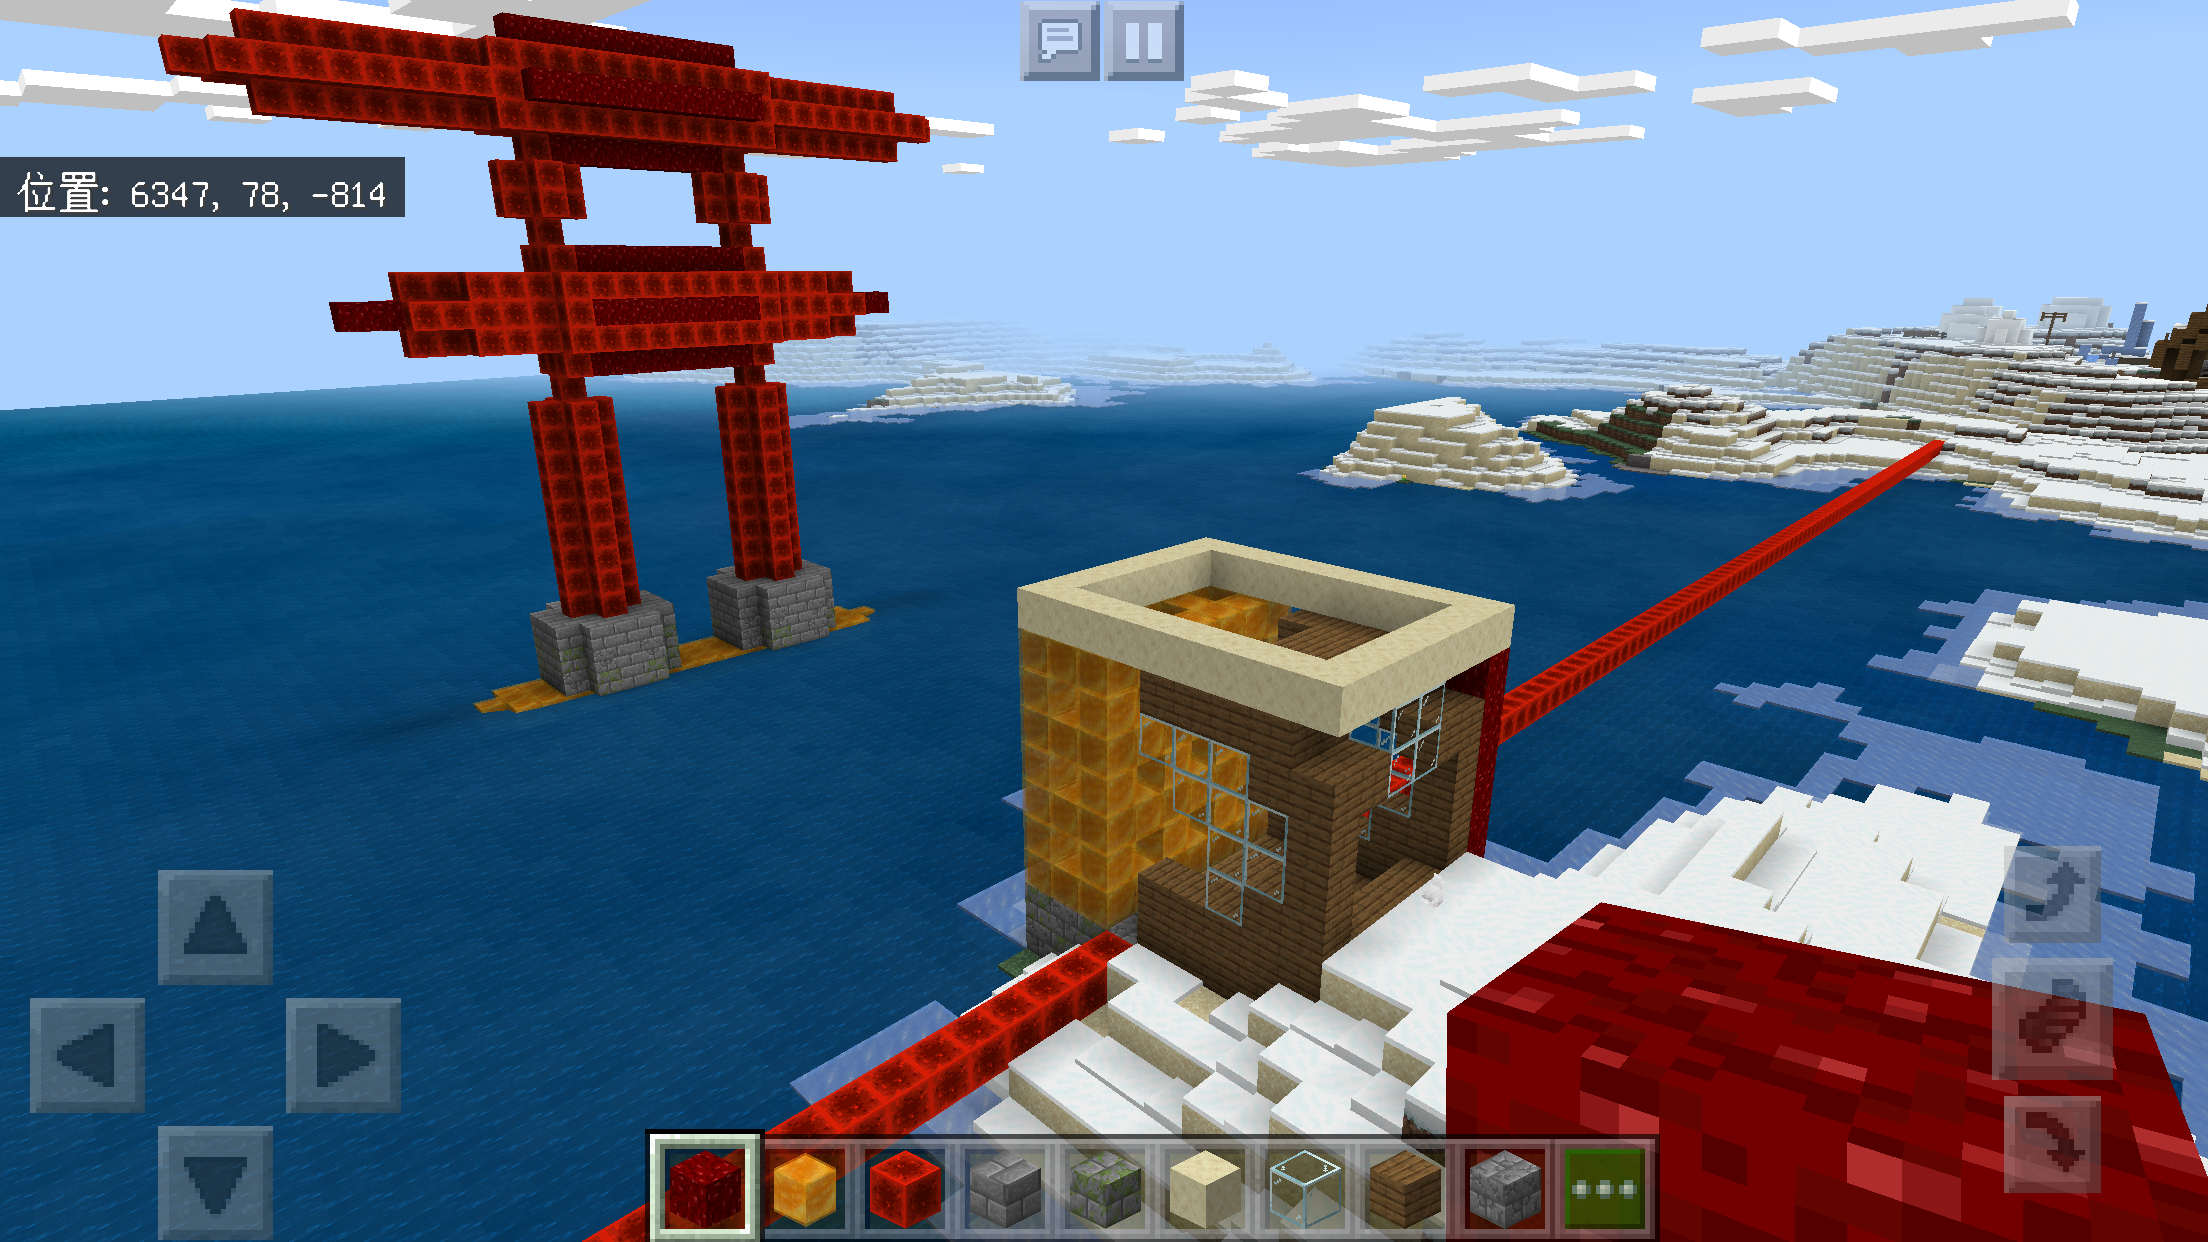 f:id:Minecraftkun:20200317111223p:image